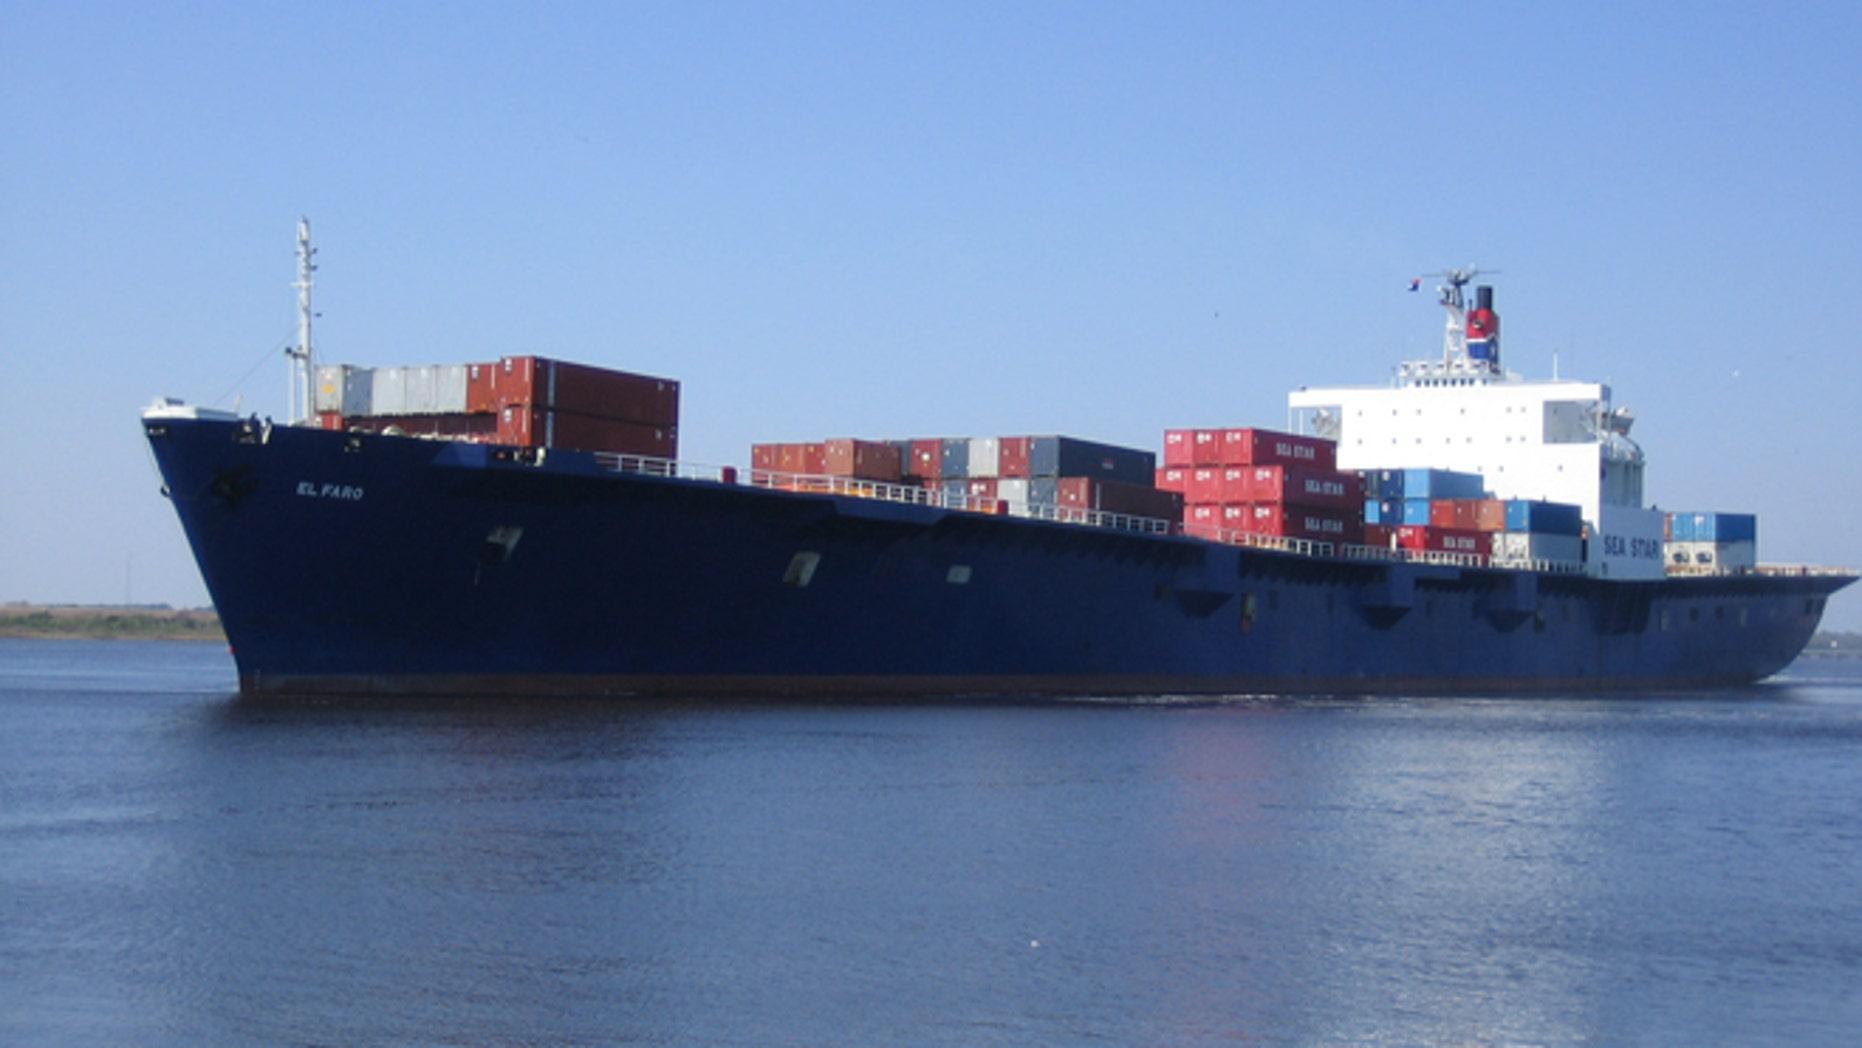 El Faro. (Courtesy TOTE Maritime)